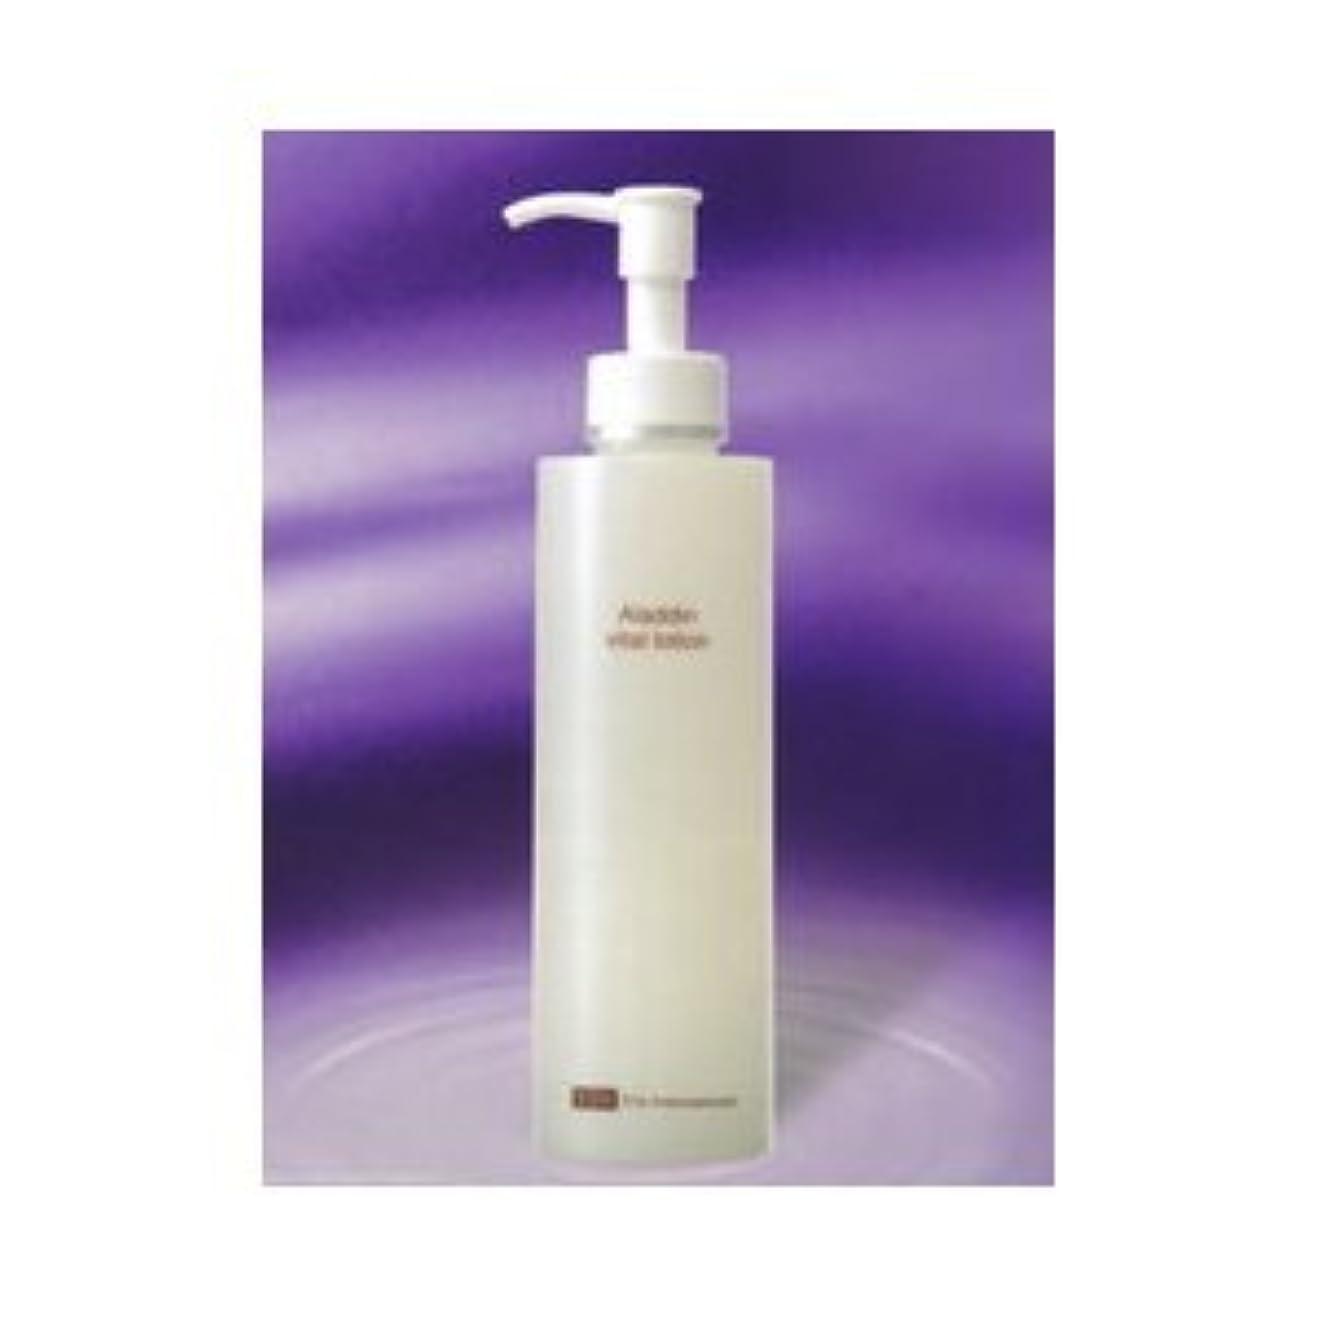 中くすぐったいええイオニート バイタルローション 保湿化粧水 200ml アラジンシリーズ